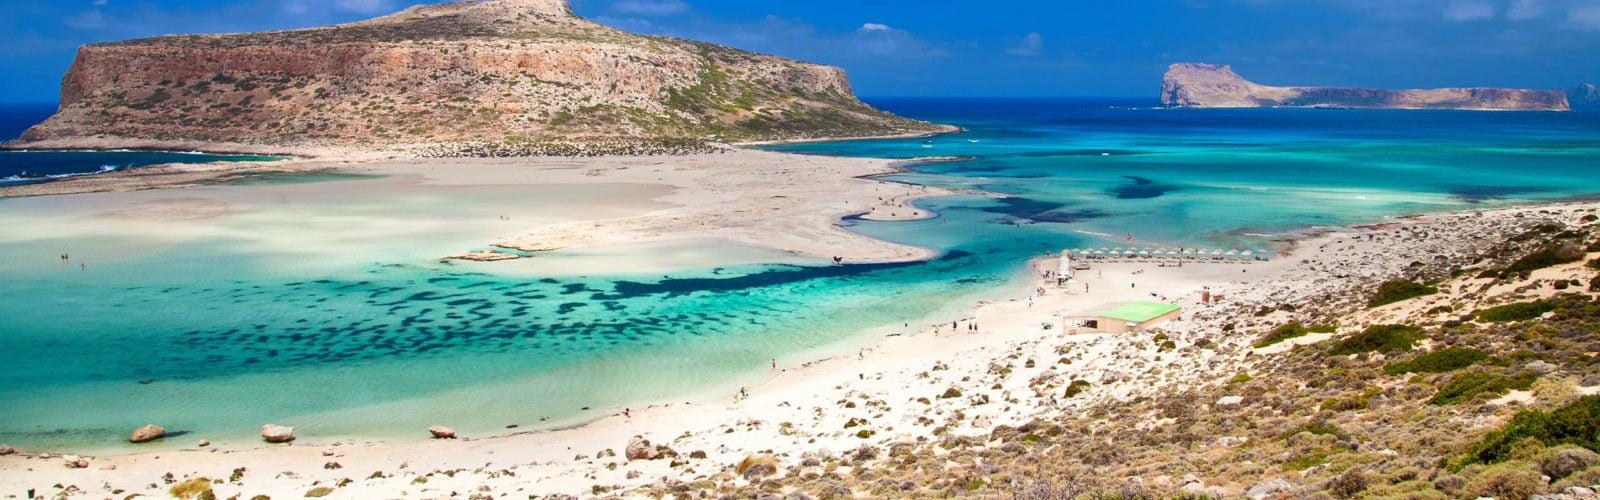 balos-gramvousa-crete